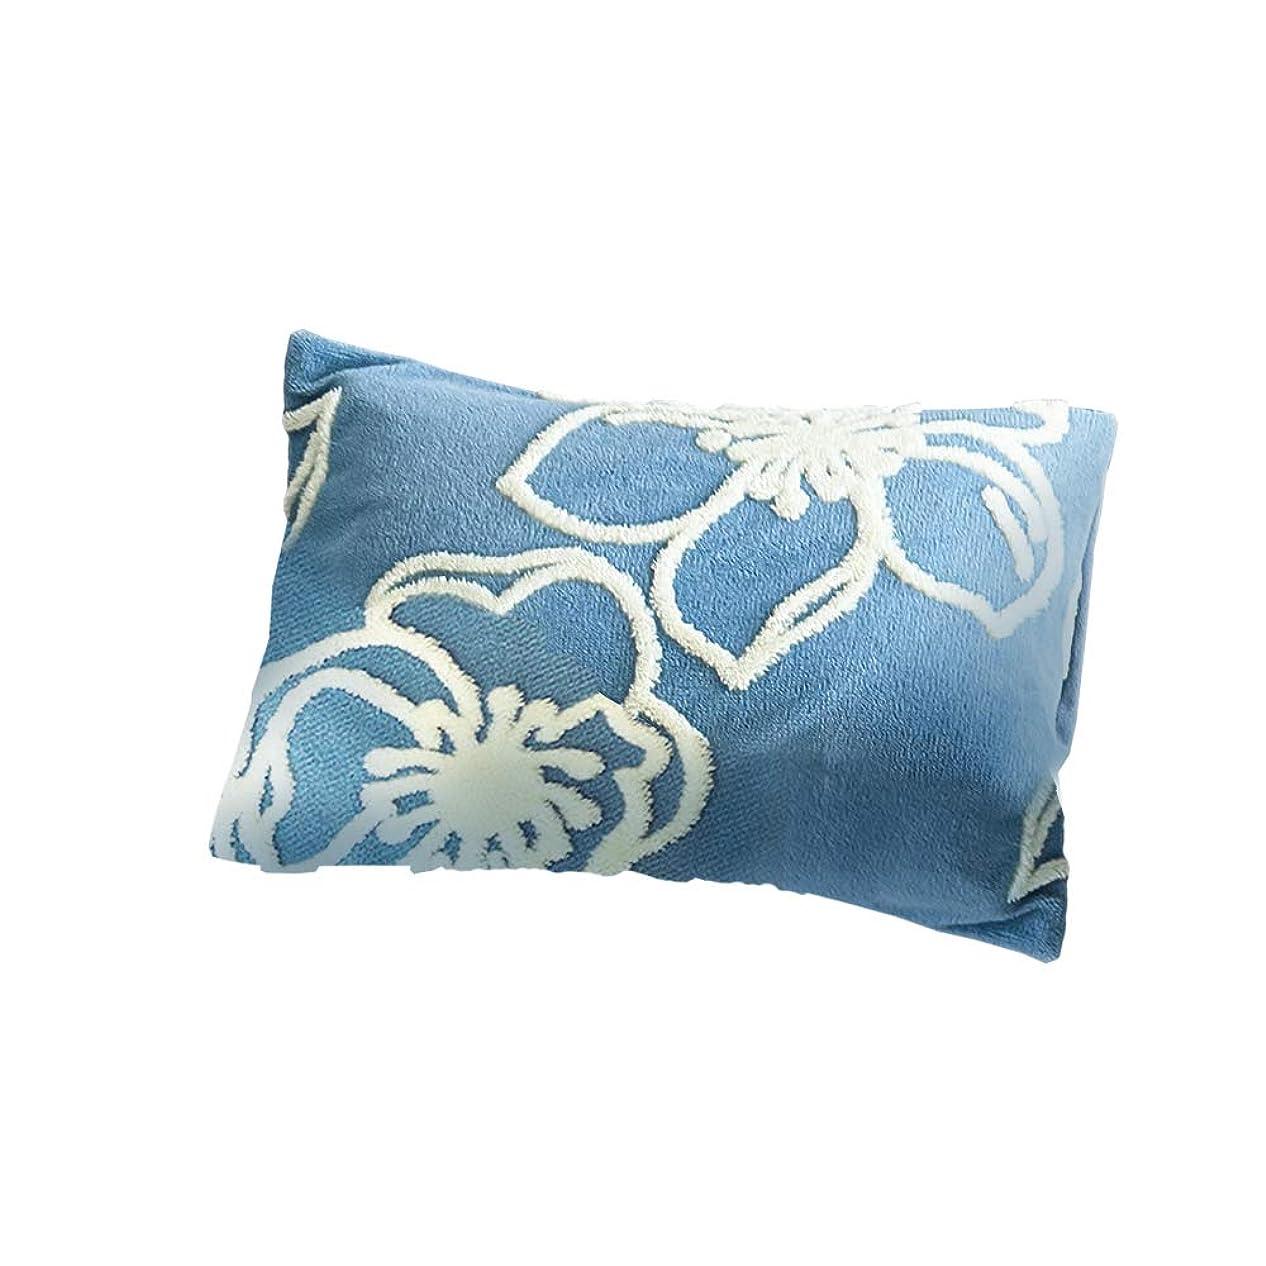 怒り先史時代の慣らすセシール 枕カバー ブルー L(63×43cm用) 表側毛布生地 ラインフラワー柄 CR-1111